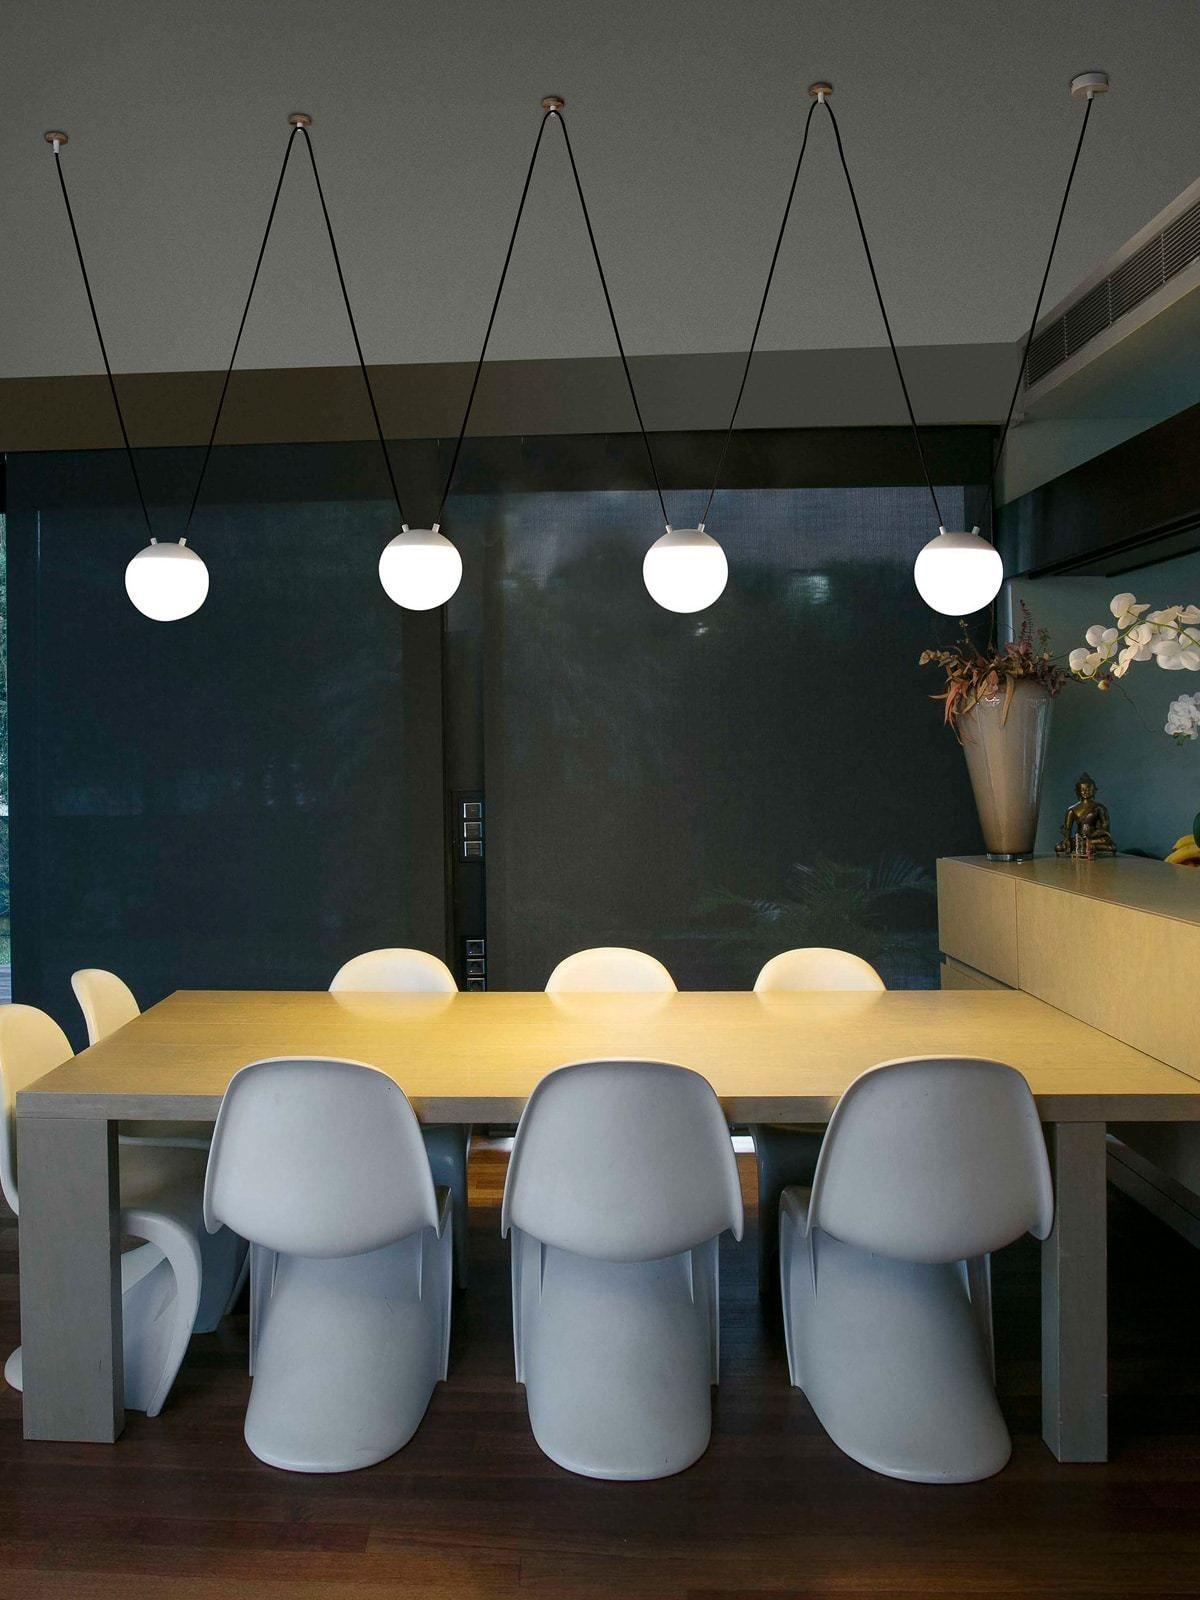 Frische Designerleuchten Fur Die Gastronomie Designort Com Pendelleuchte Raumgestaltung Beleuchtung Decke